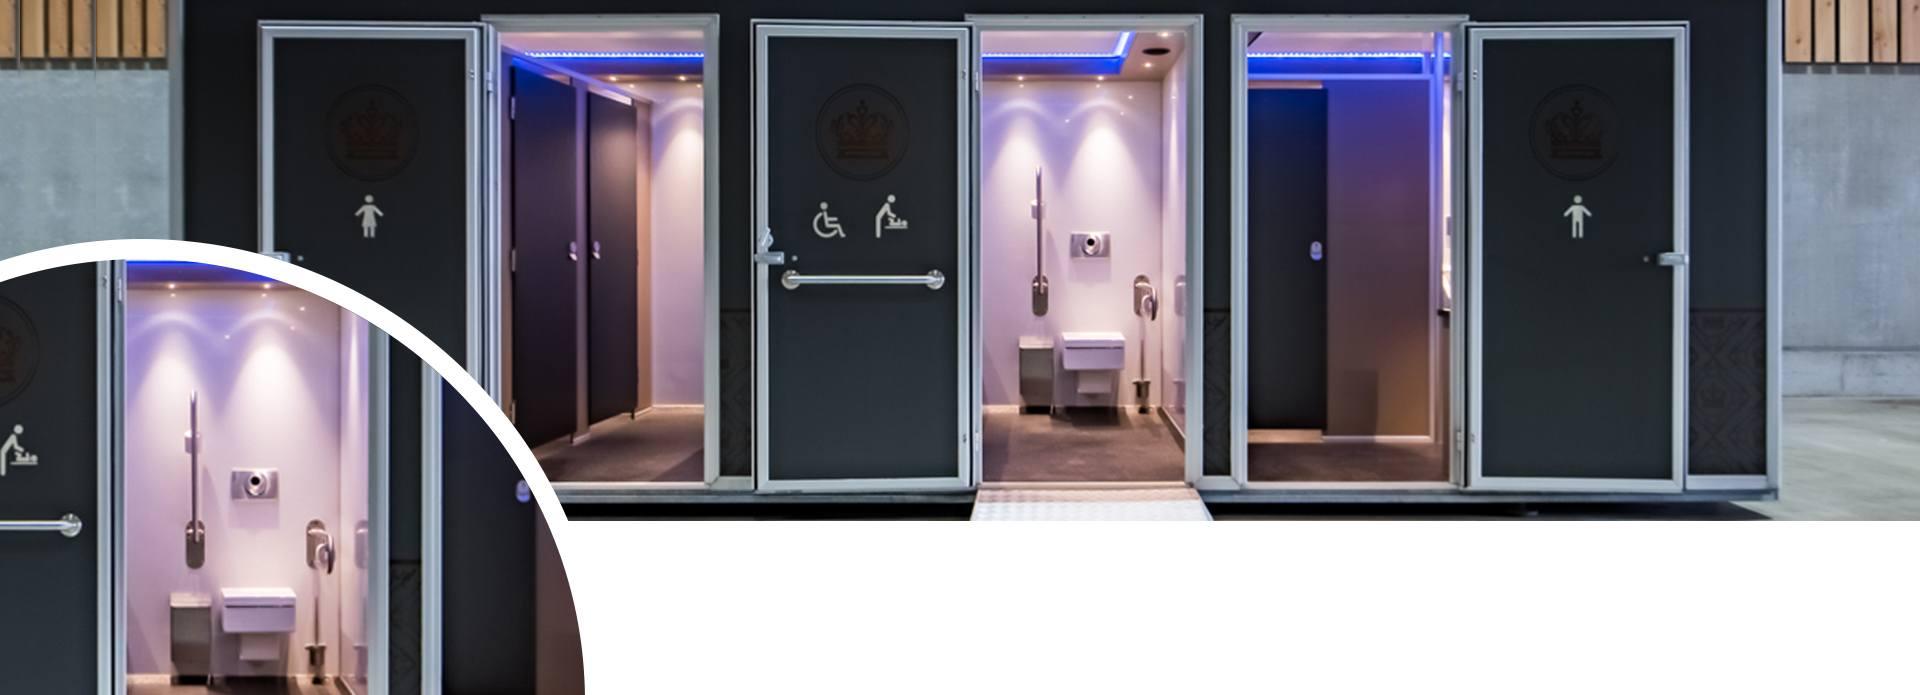 Luxe toiletwagen binnenkant